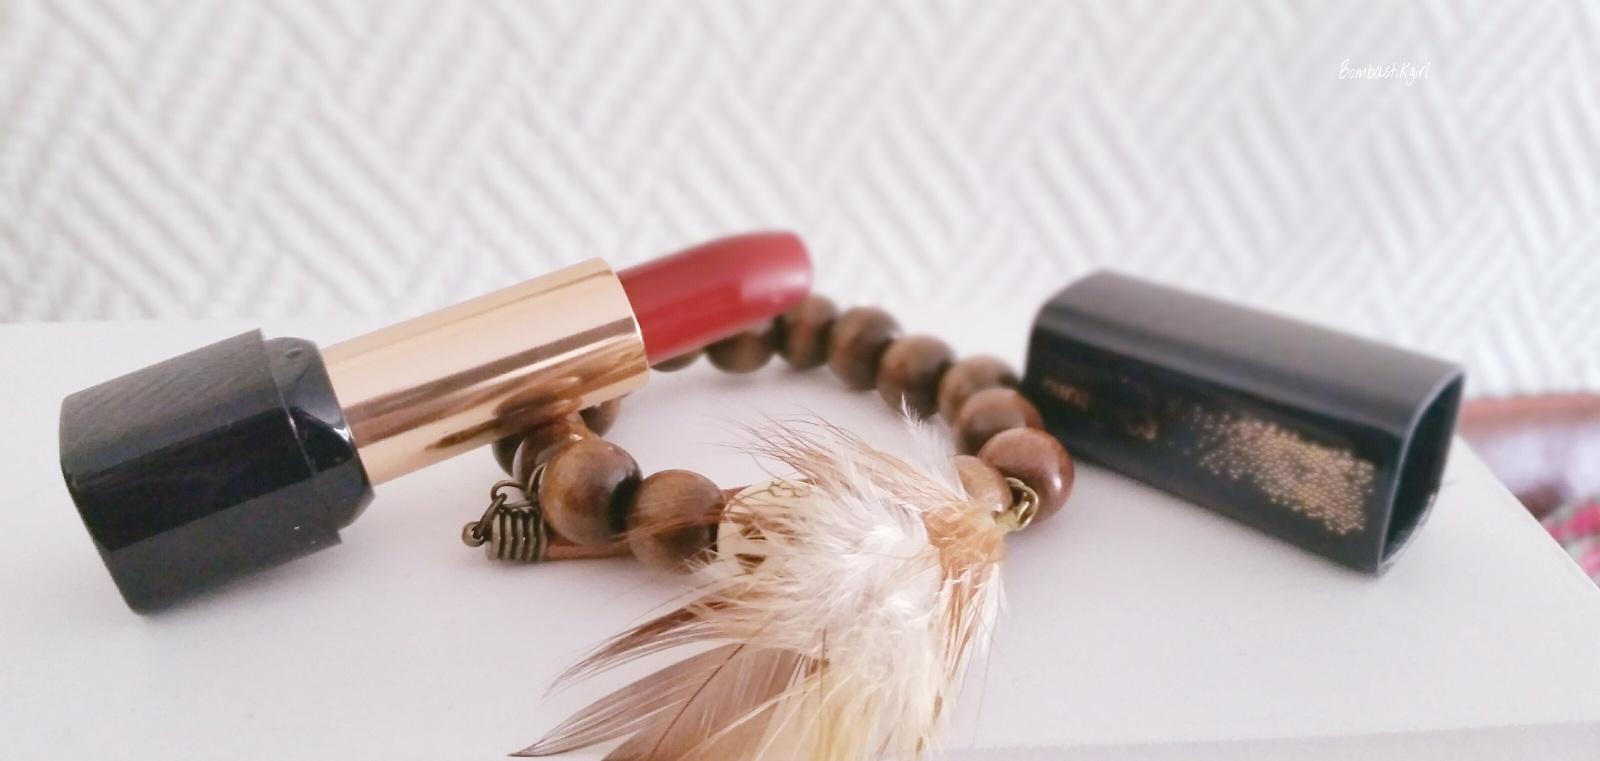 Le rouge-à-lèvres idéal est le ROUGE 1 Natura Brasil